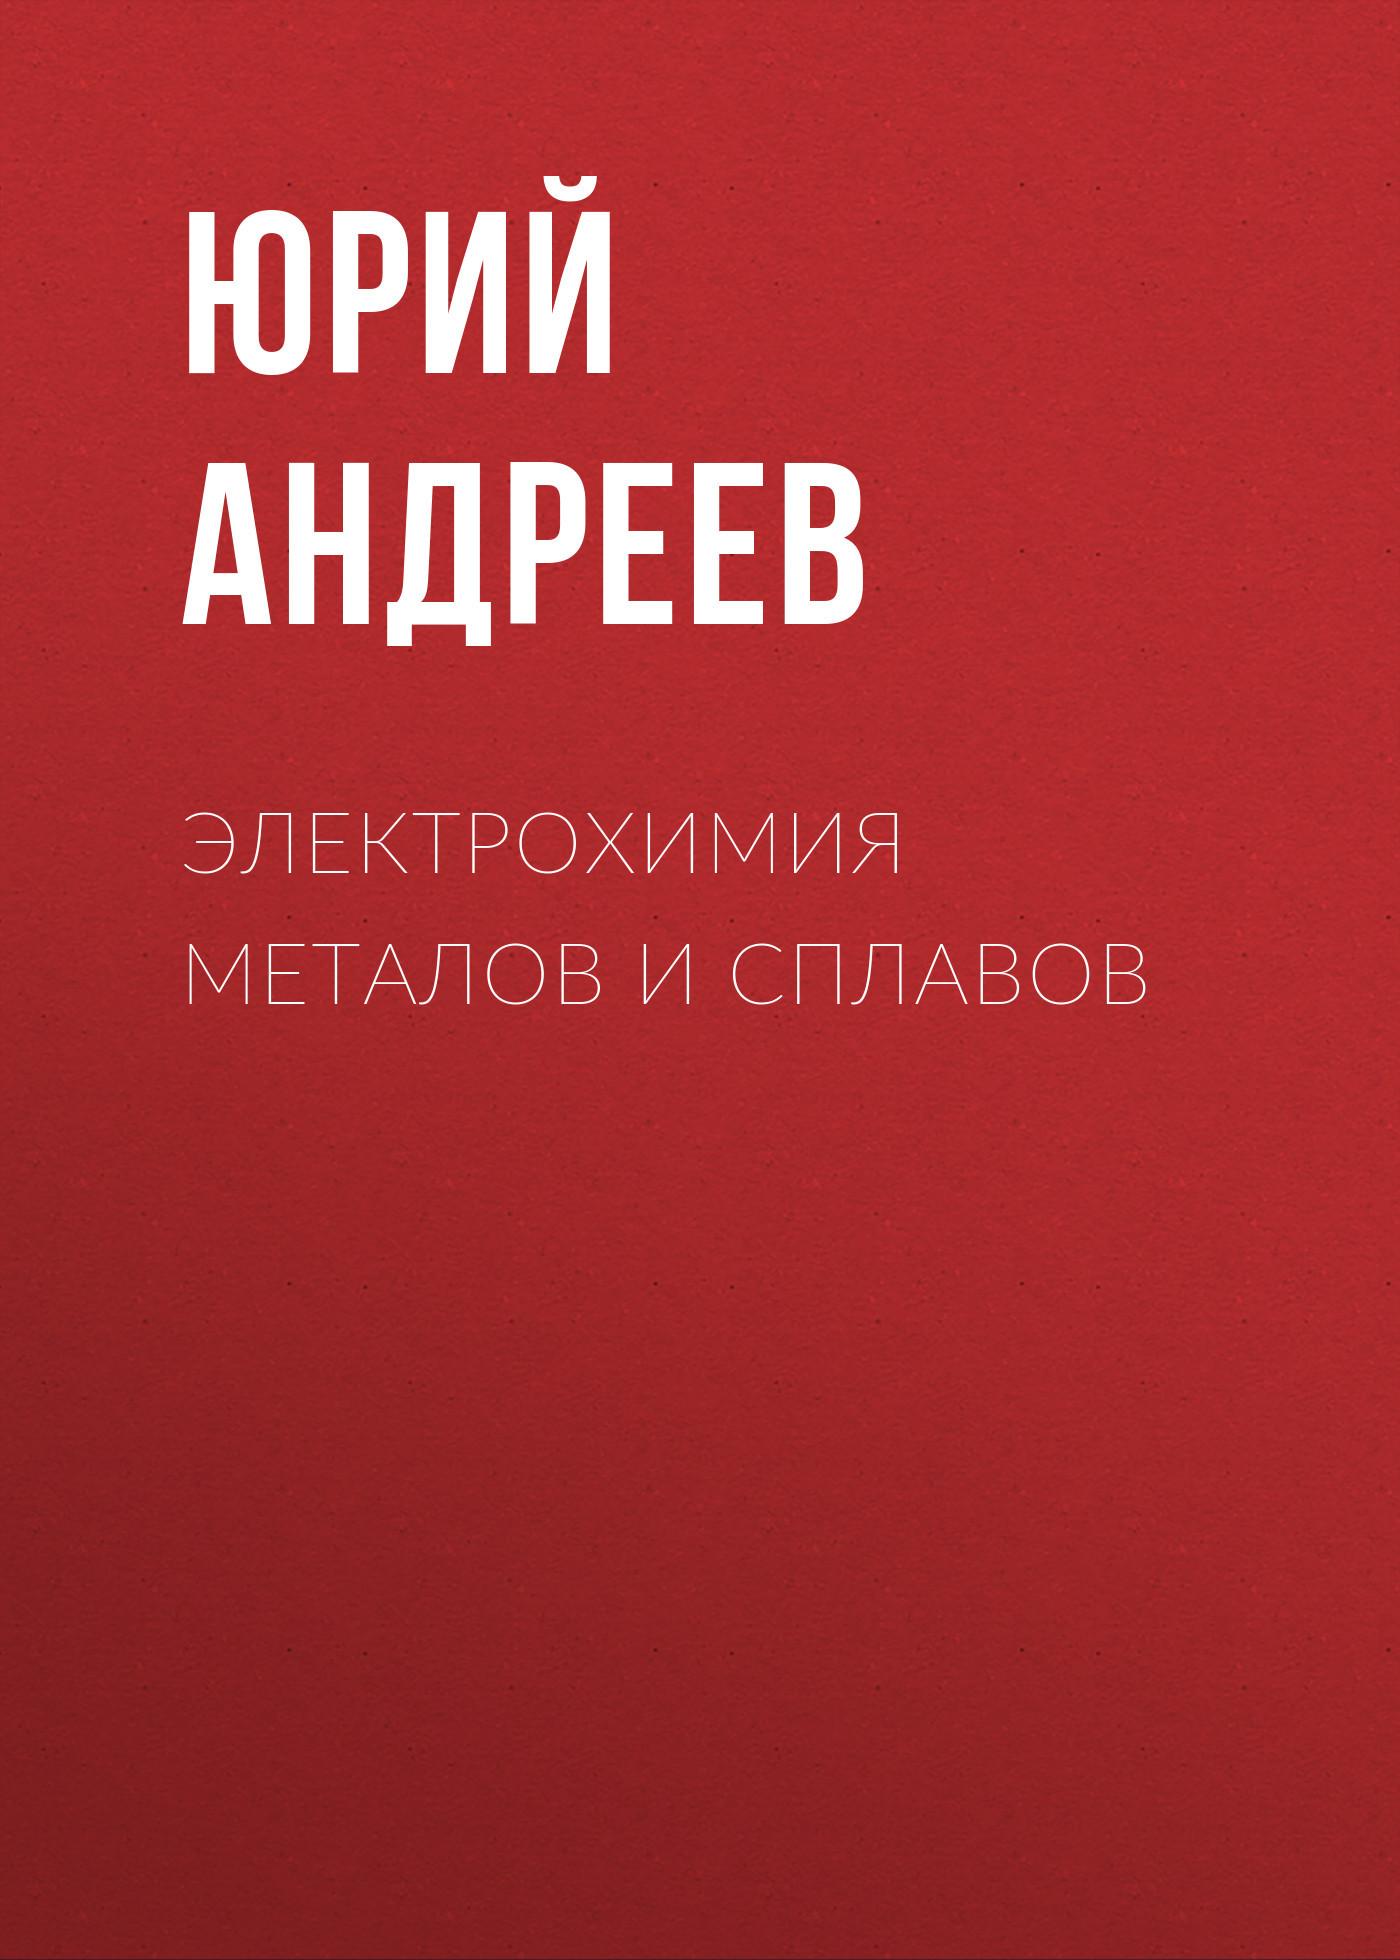 Юрий Андреев Электрохимия металов и сплавов николай белов фазовый состав алюминиевых сплавов